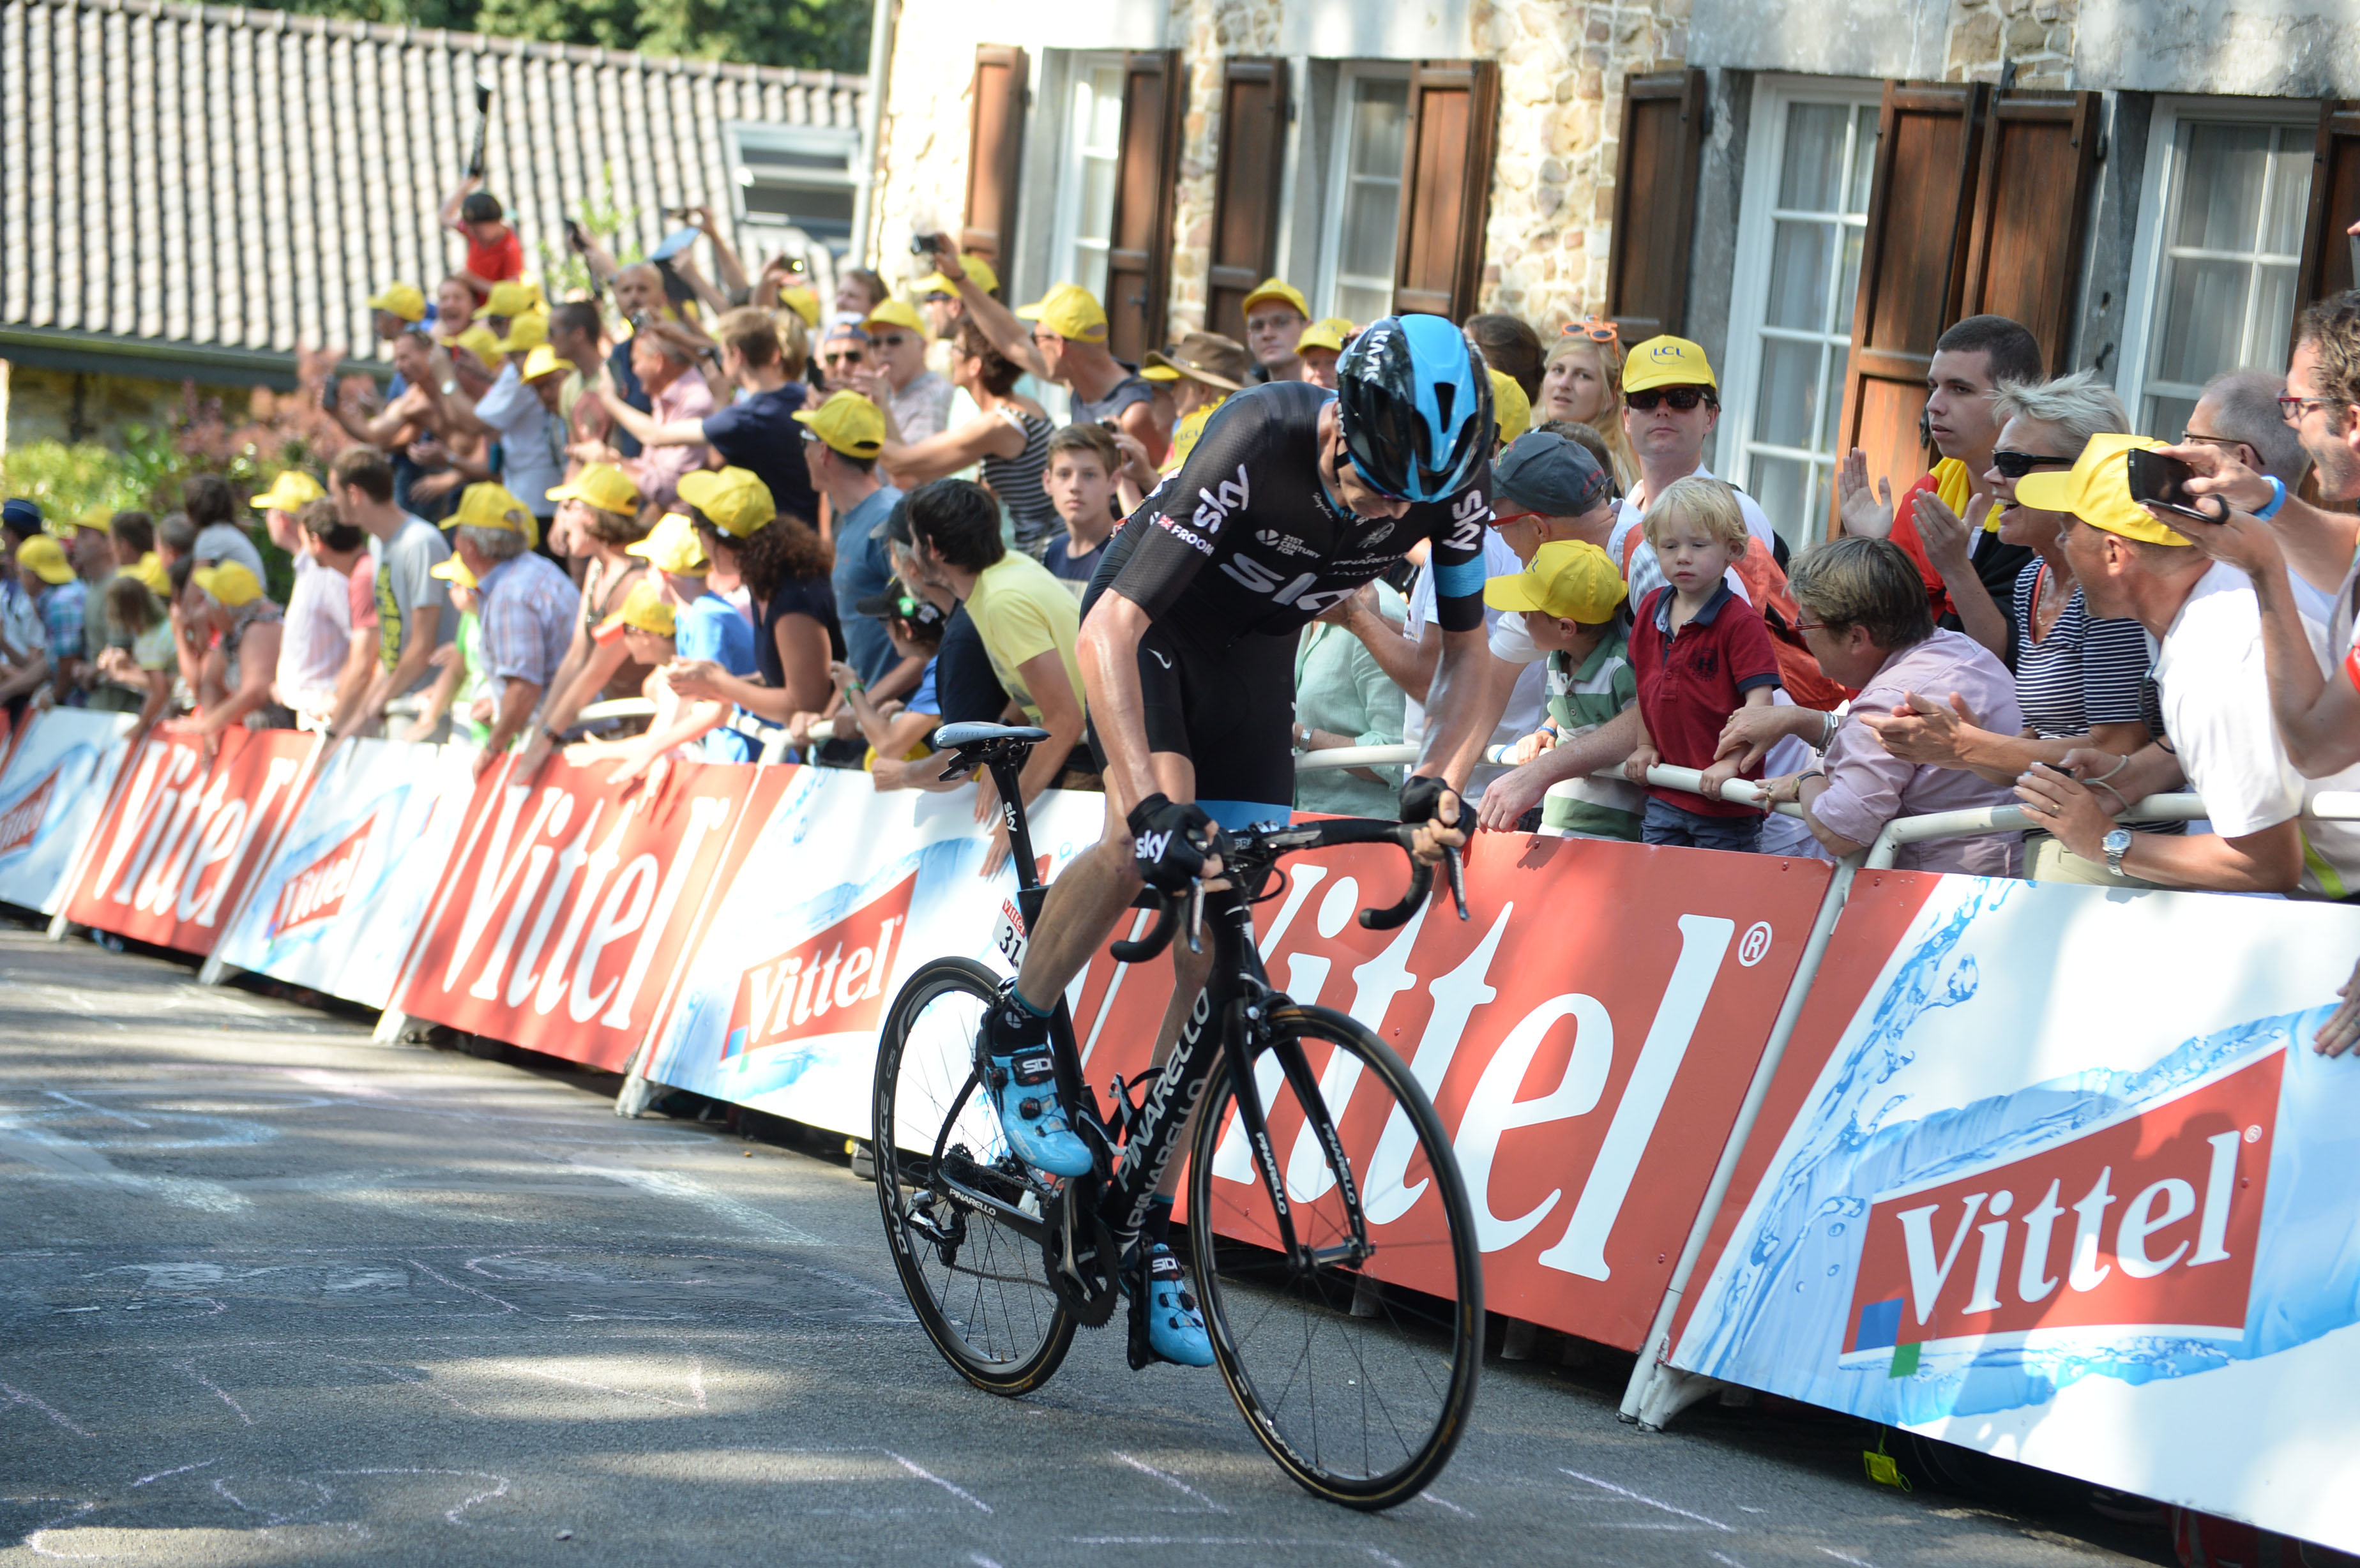 Chris Froome sichert sich nach der 3. Etappe der Tour de France 2015 das Gelbe Trikot.